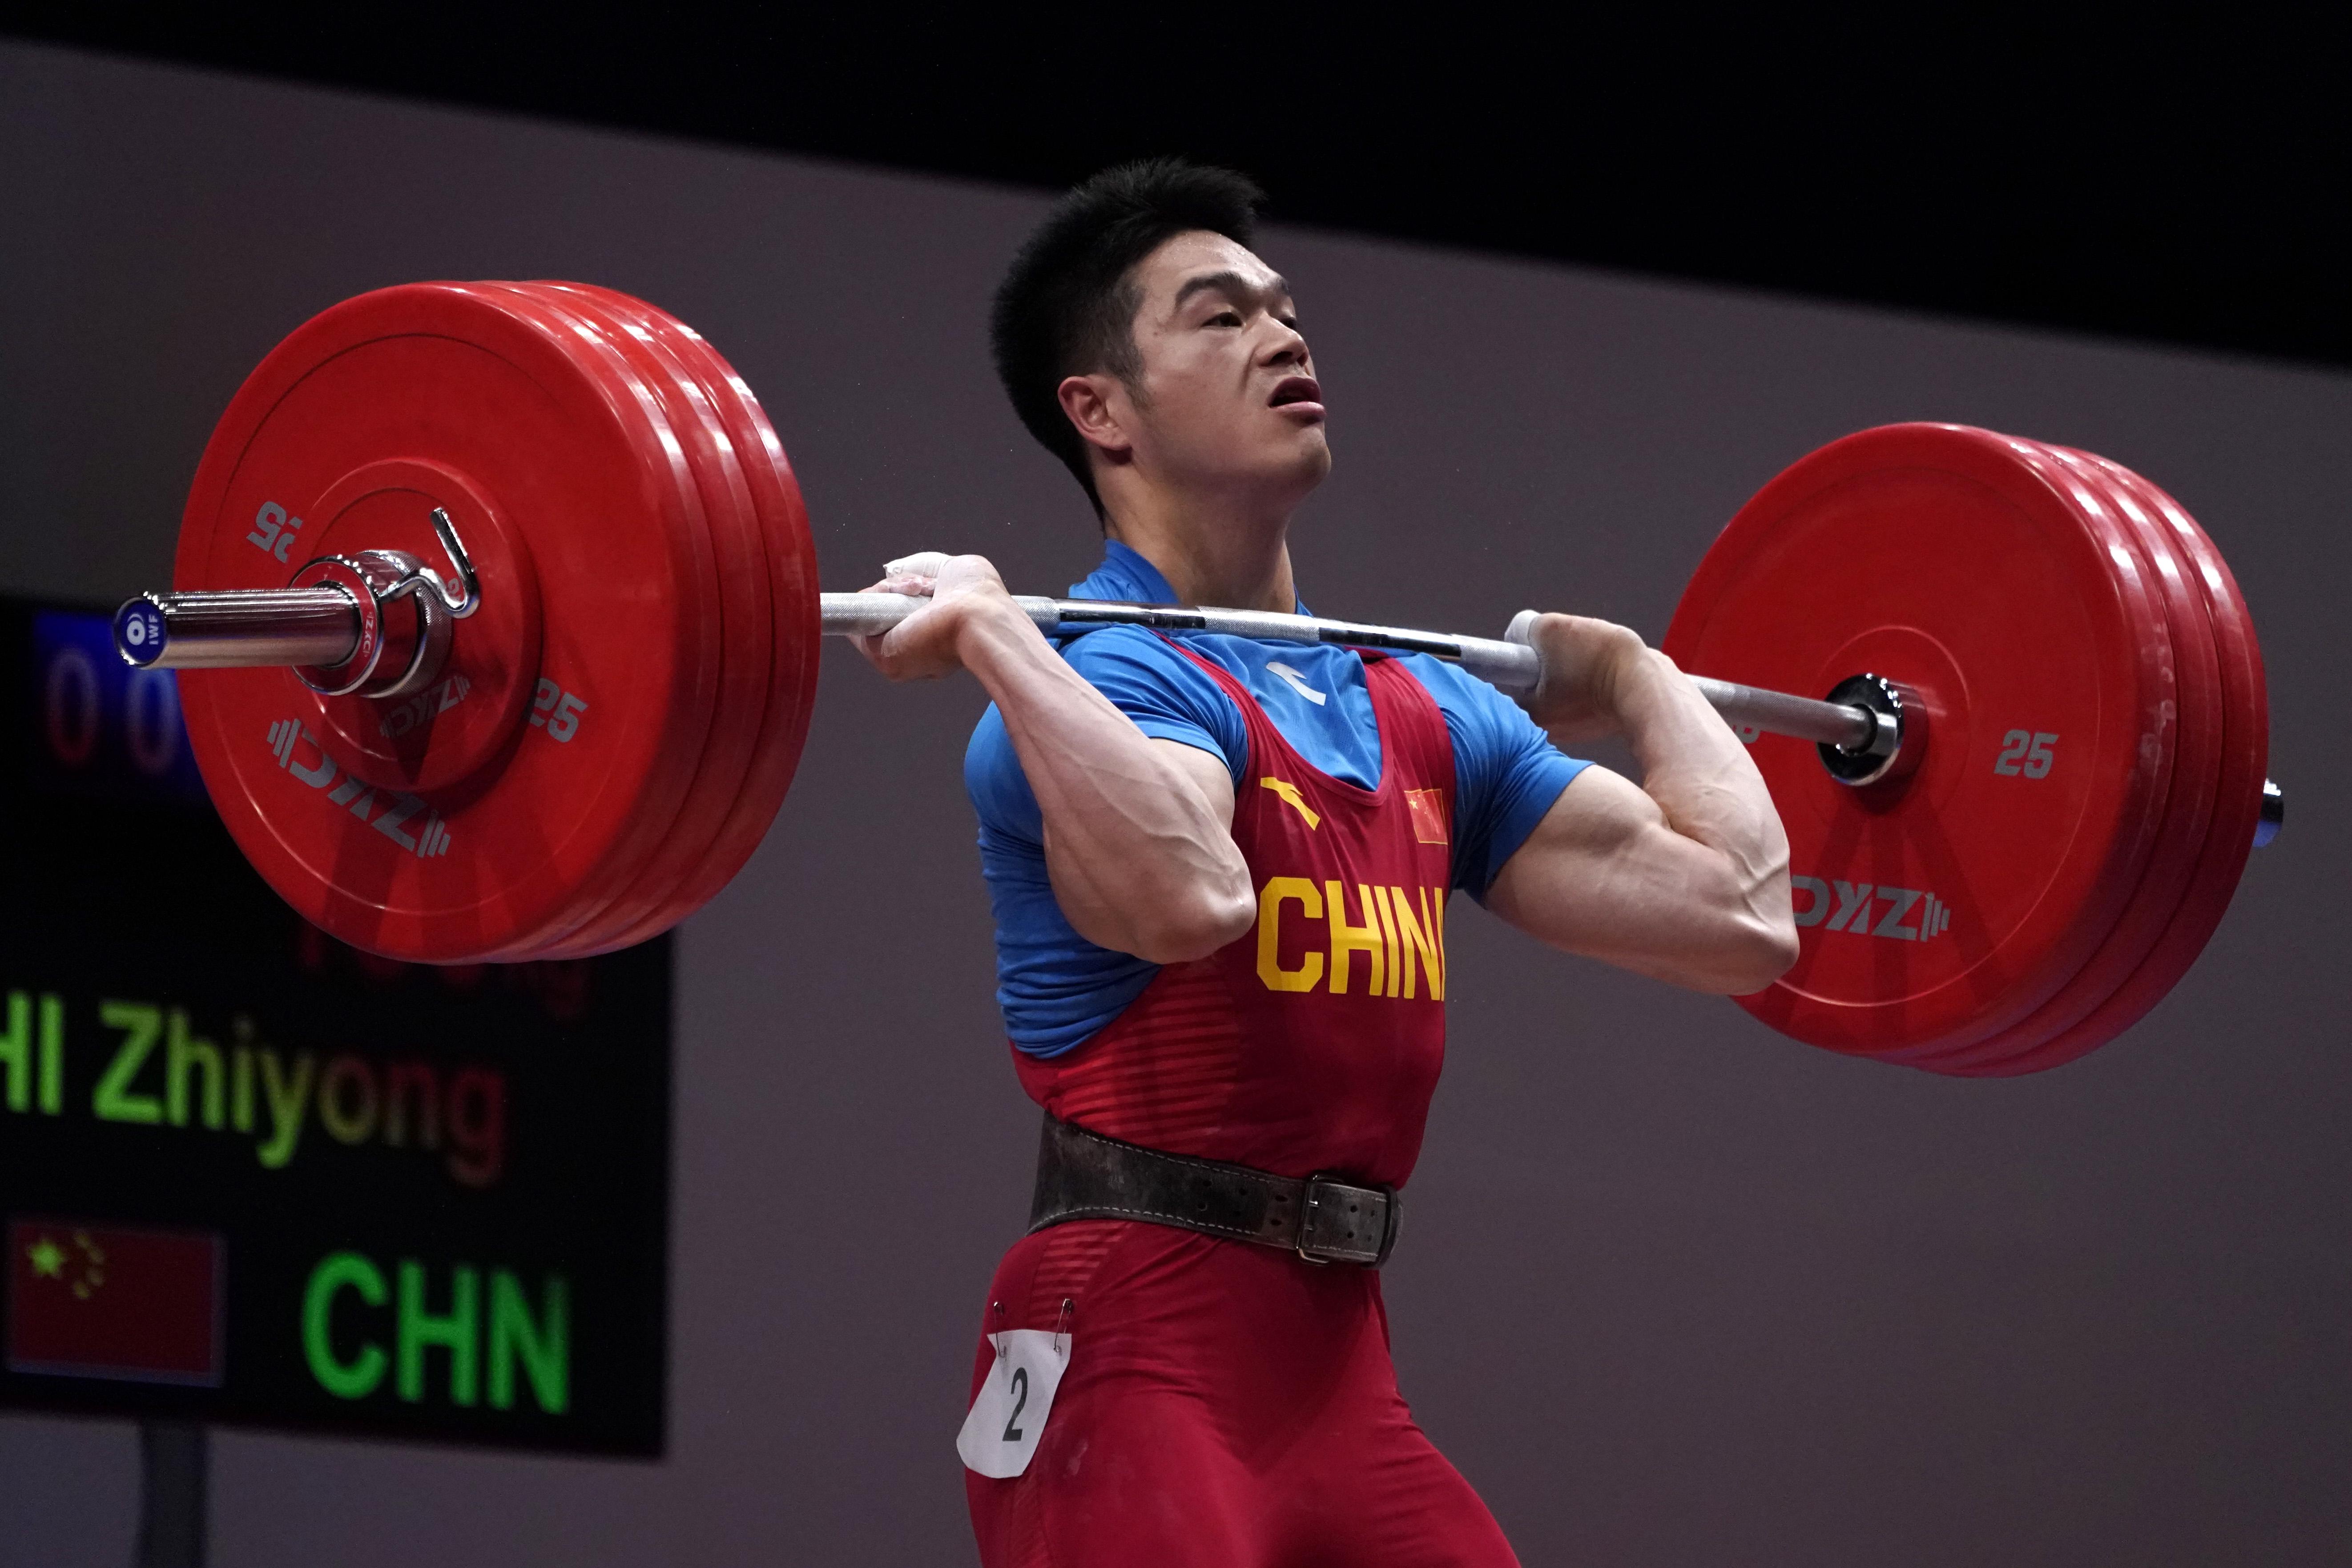 石智勇目标卫冕奥运金牌。